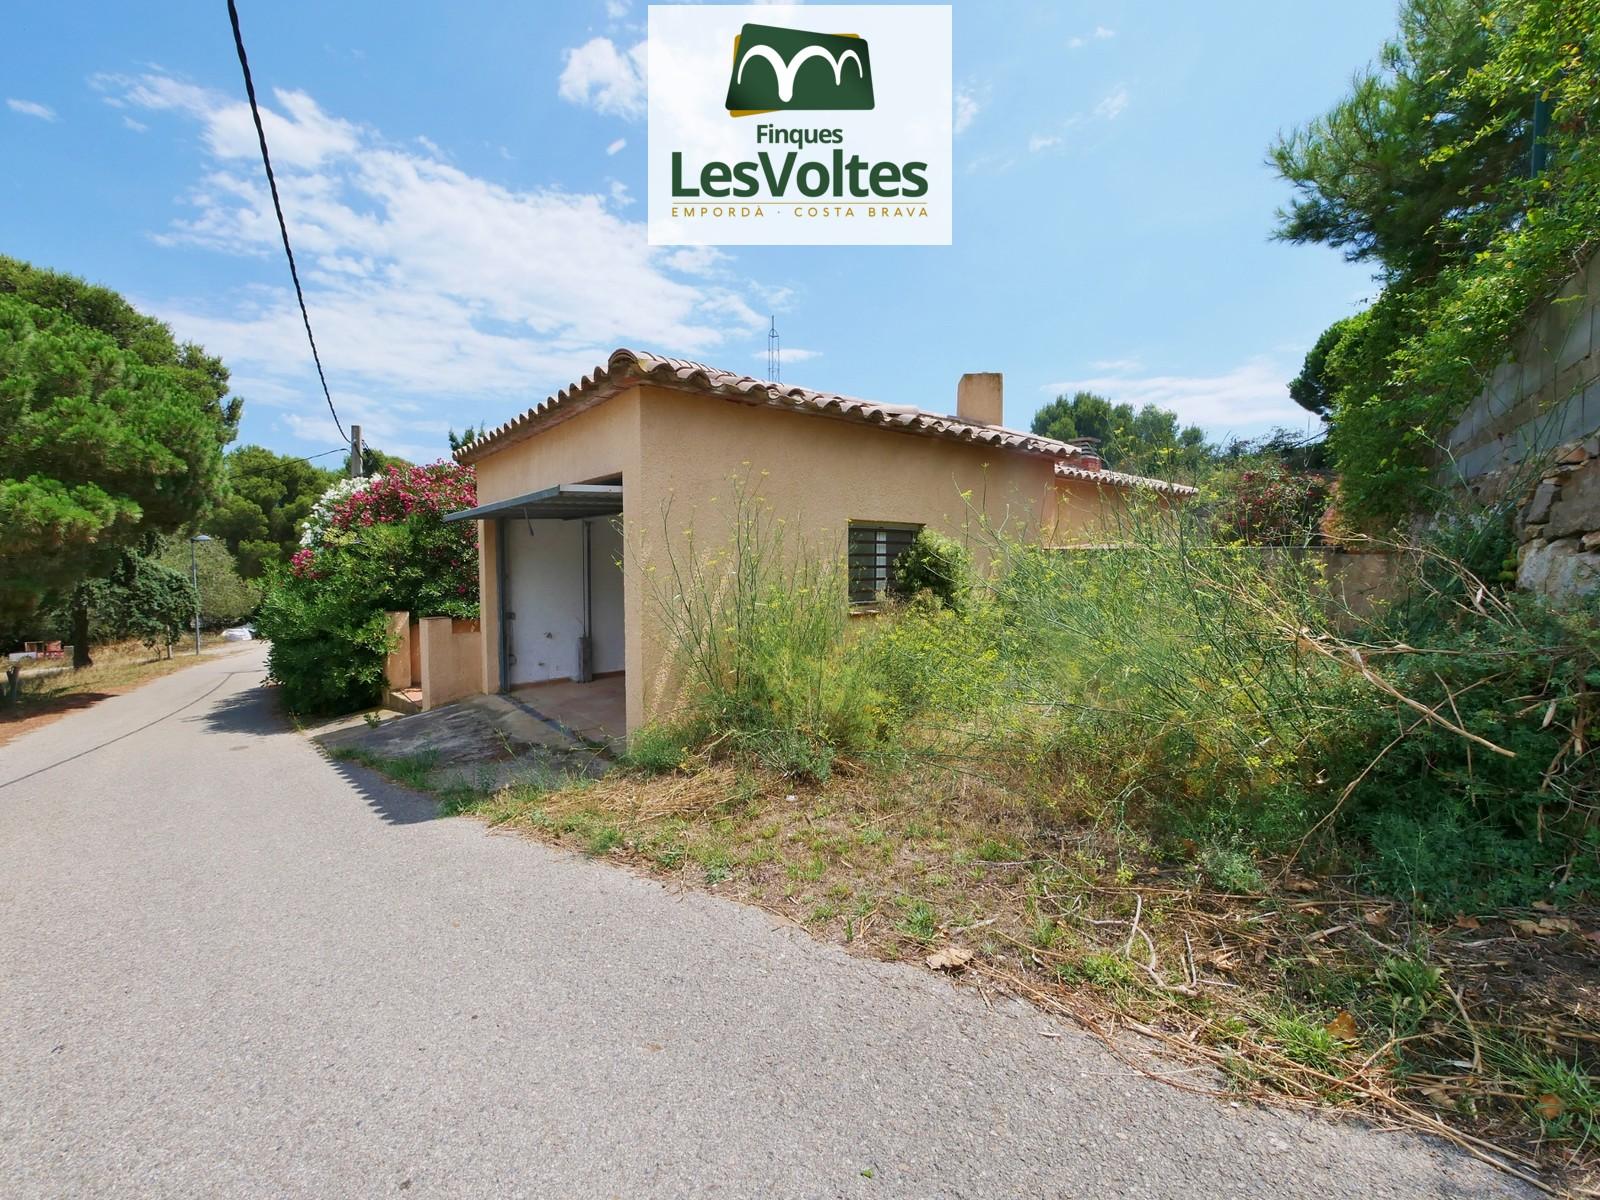 Casa unifamiliar amb piscina i jardí en venda a Begur. Situada a prop de les millors platges de la Costa Brava.